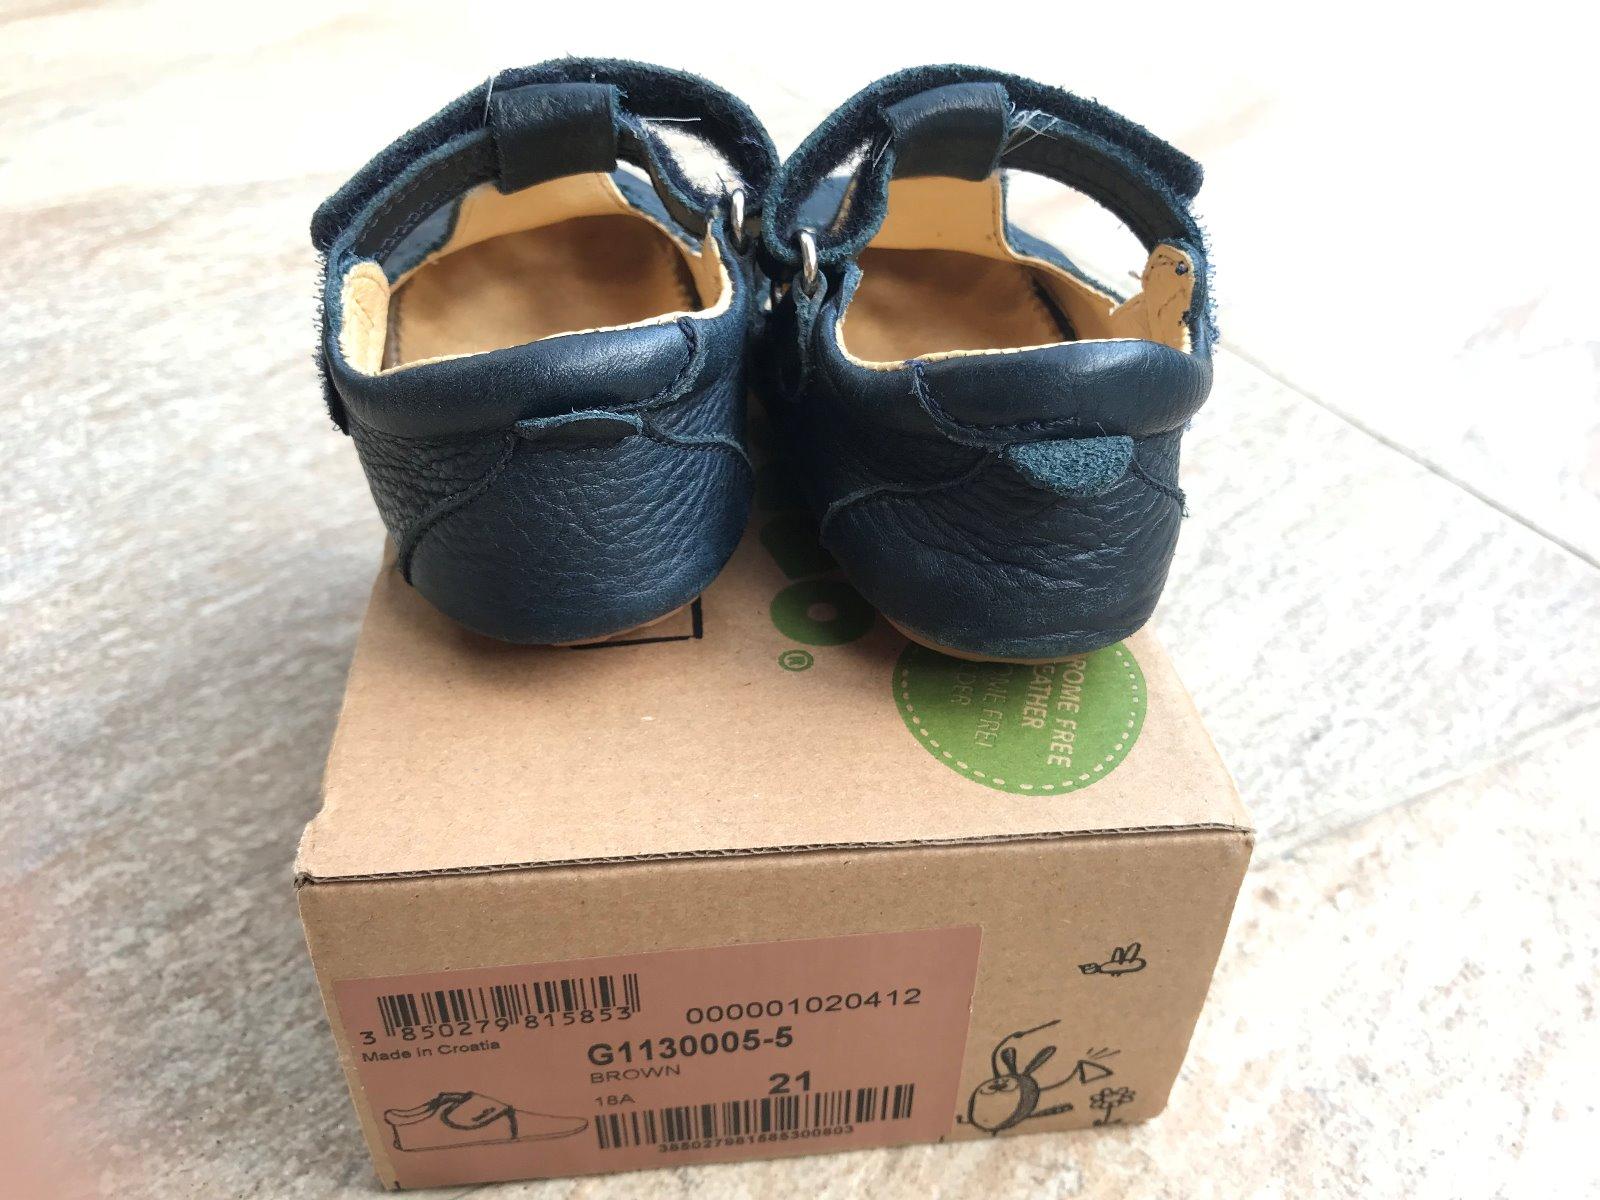 e39ed8279da3 9 inzerátů • 1 hodnocení. Dětské sandálky froddo prewalkers ...